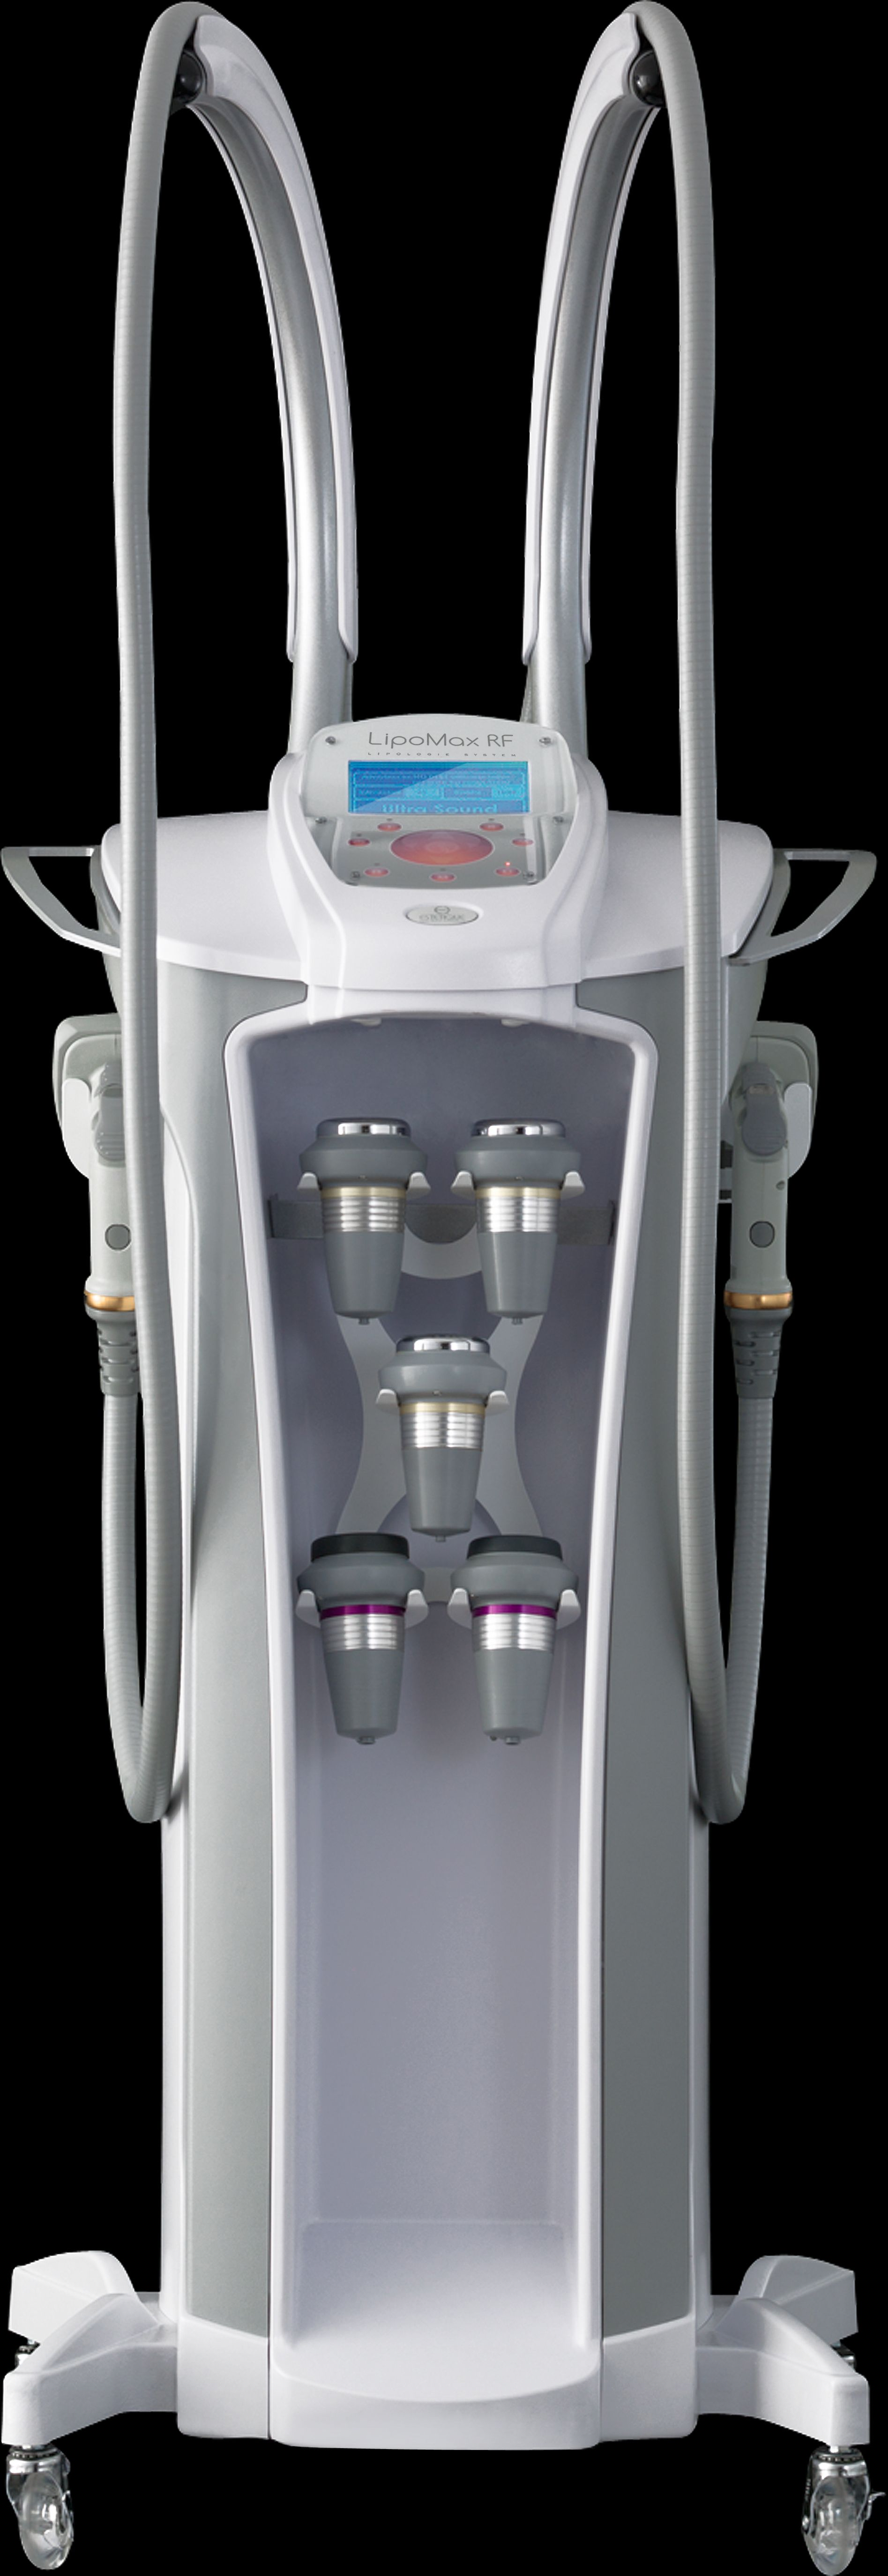 LipoMax RF. Equipo con seis tecnologias exclusivas para